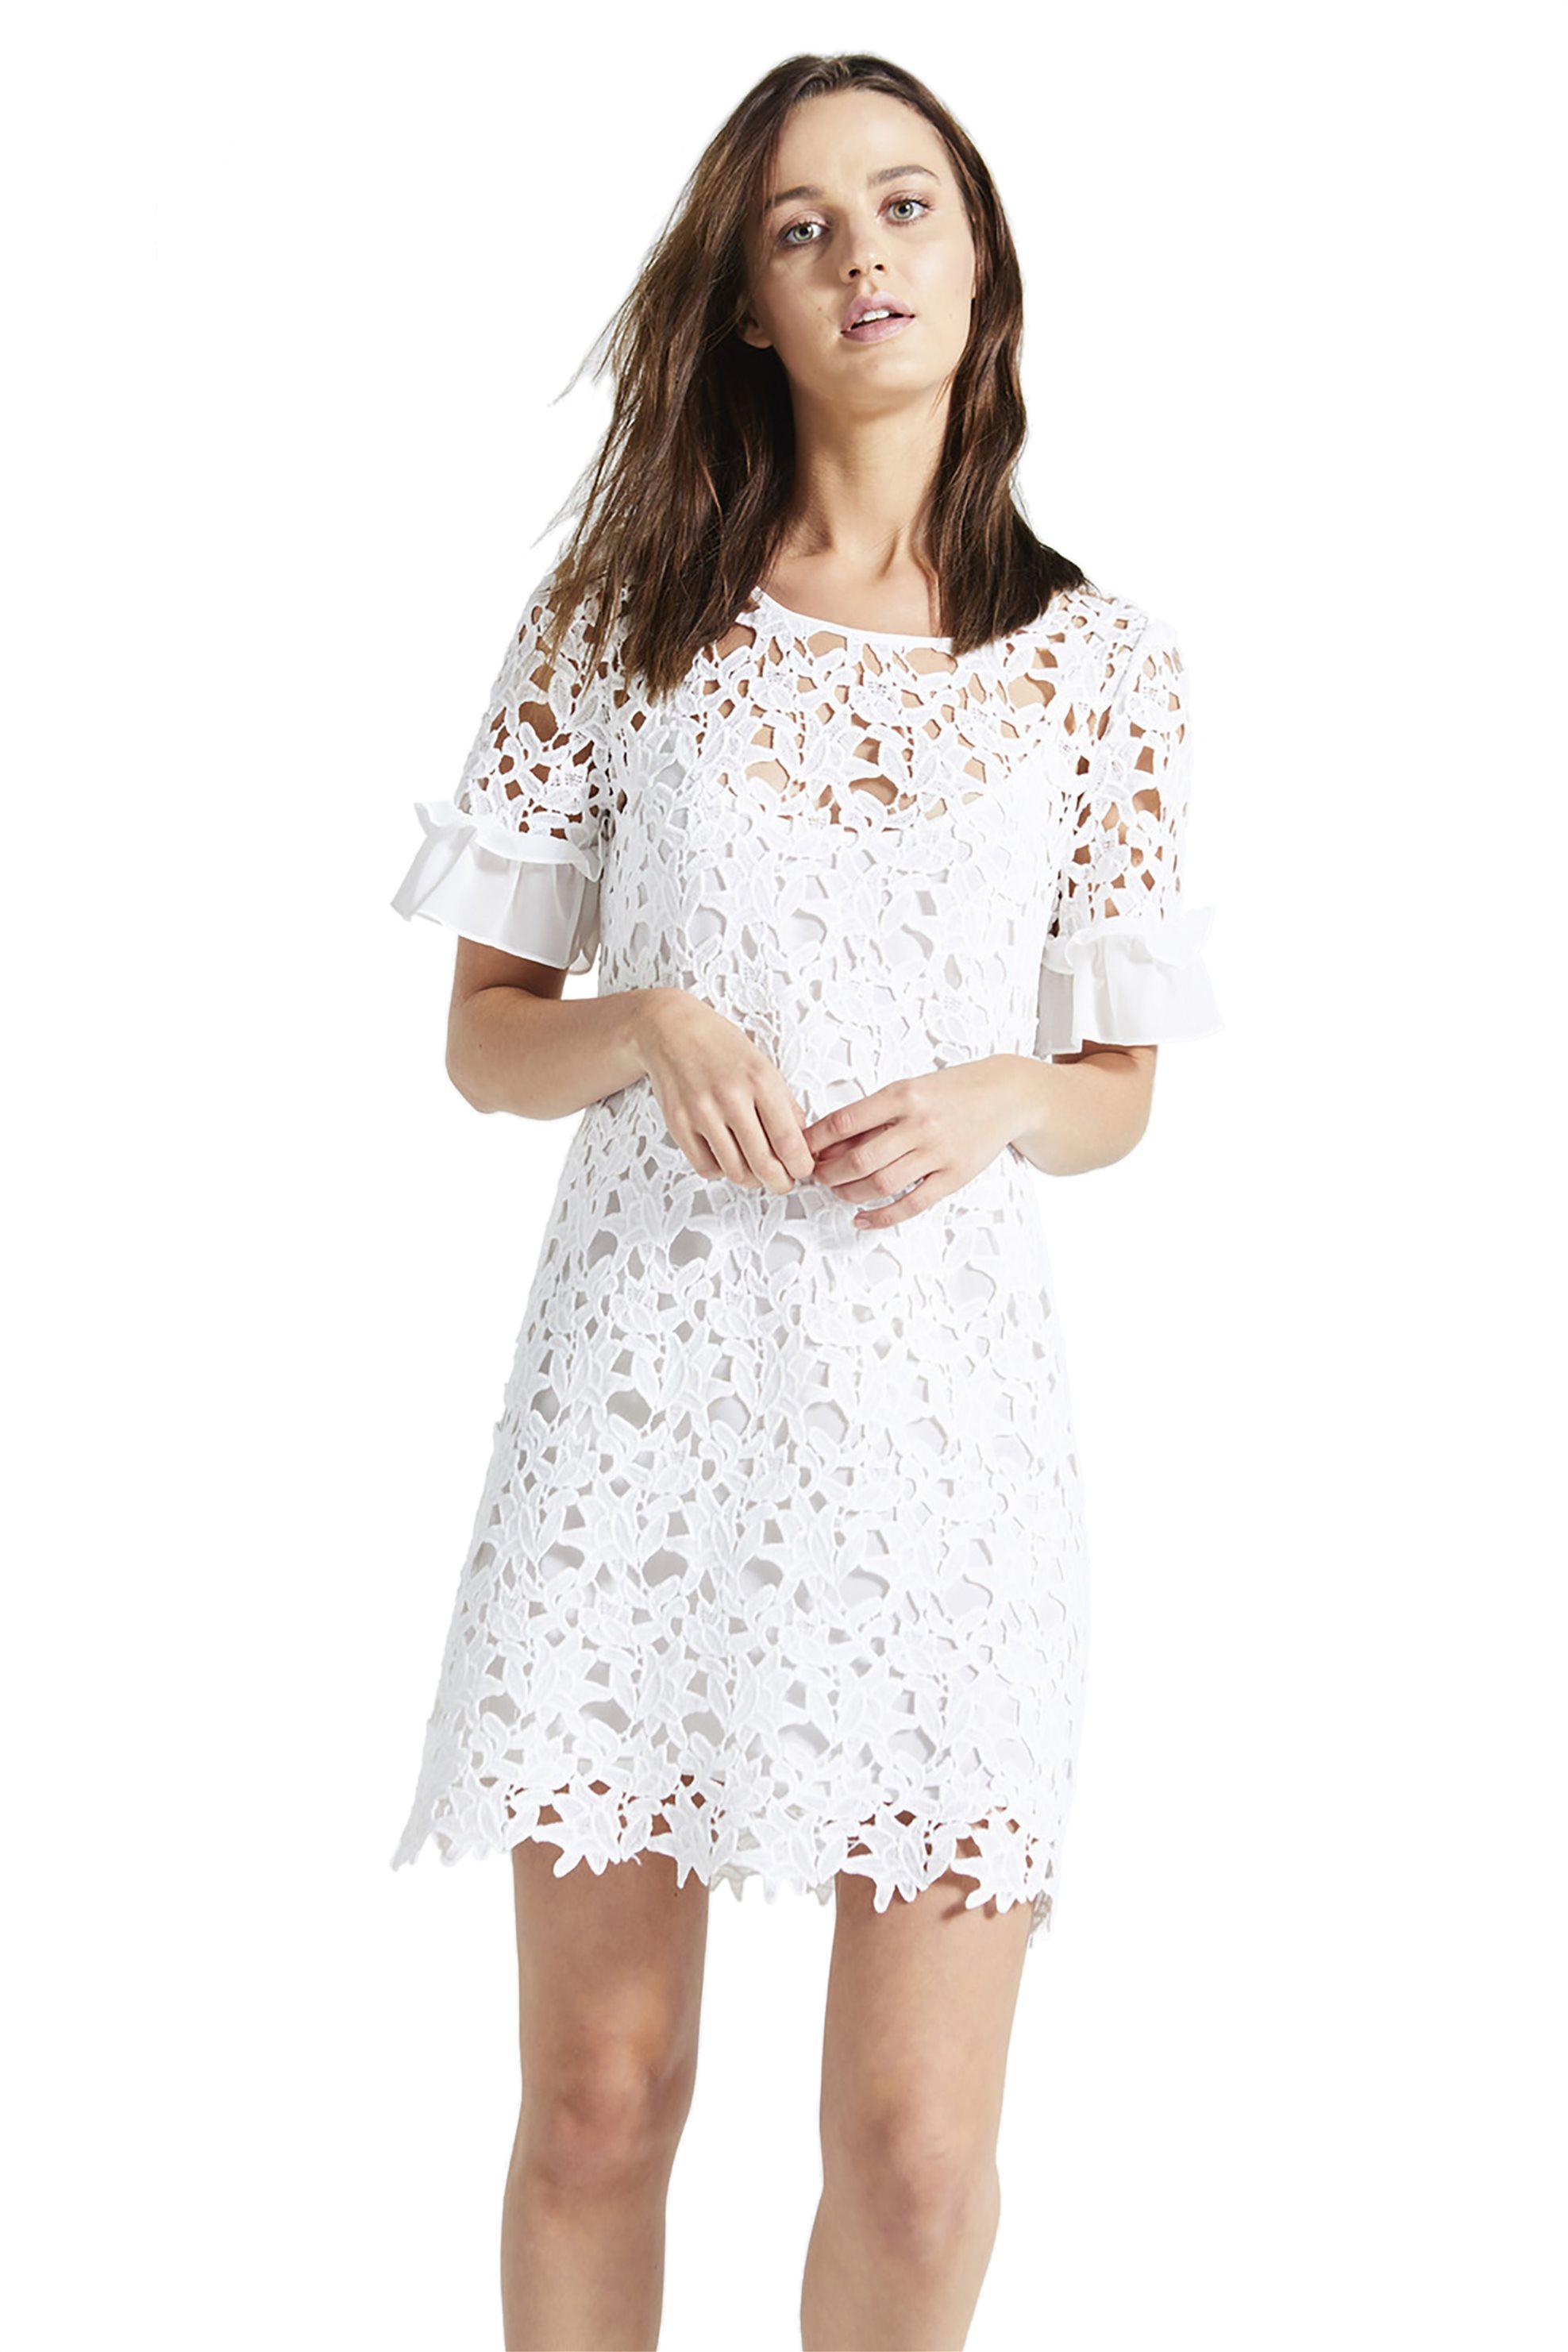 Γυναικεία   Ρούχα   Φορέματα   Καθημερινά   41554 FS Μίνι φόρεμα με ... f9606476f2d